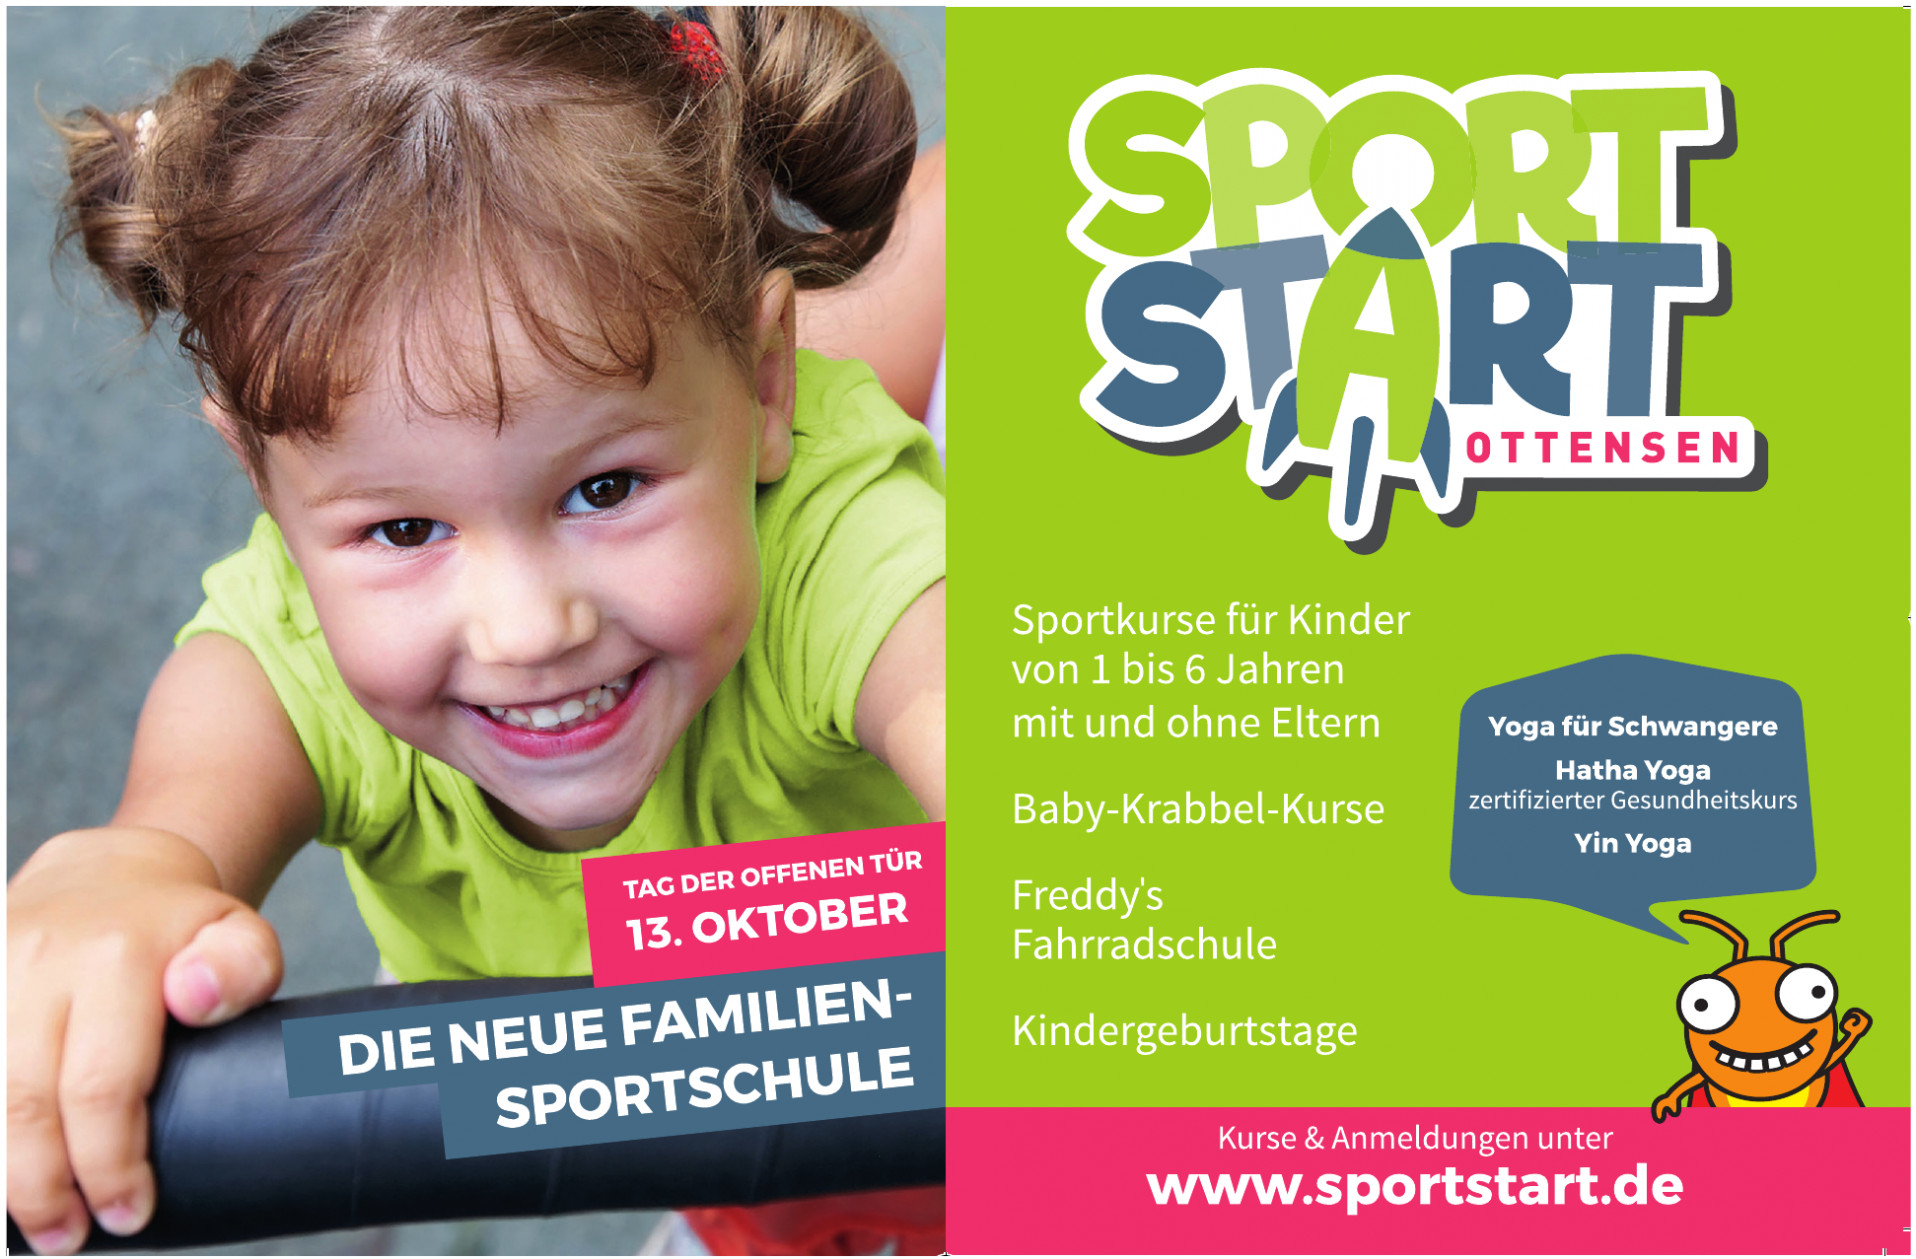 Sport Start Ottensen